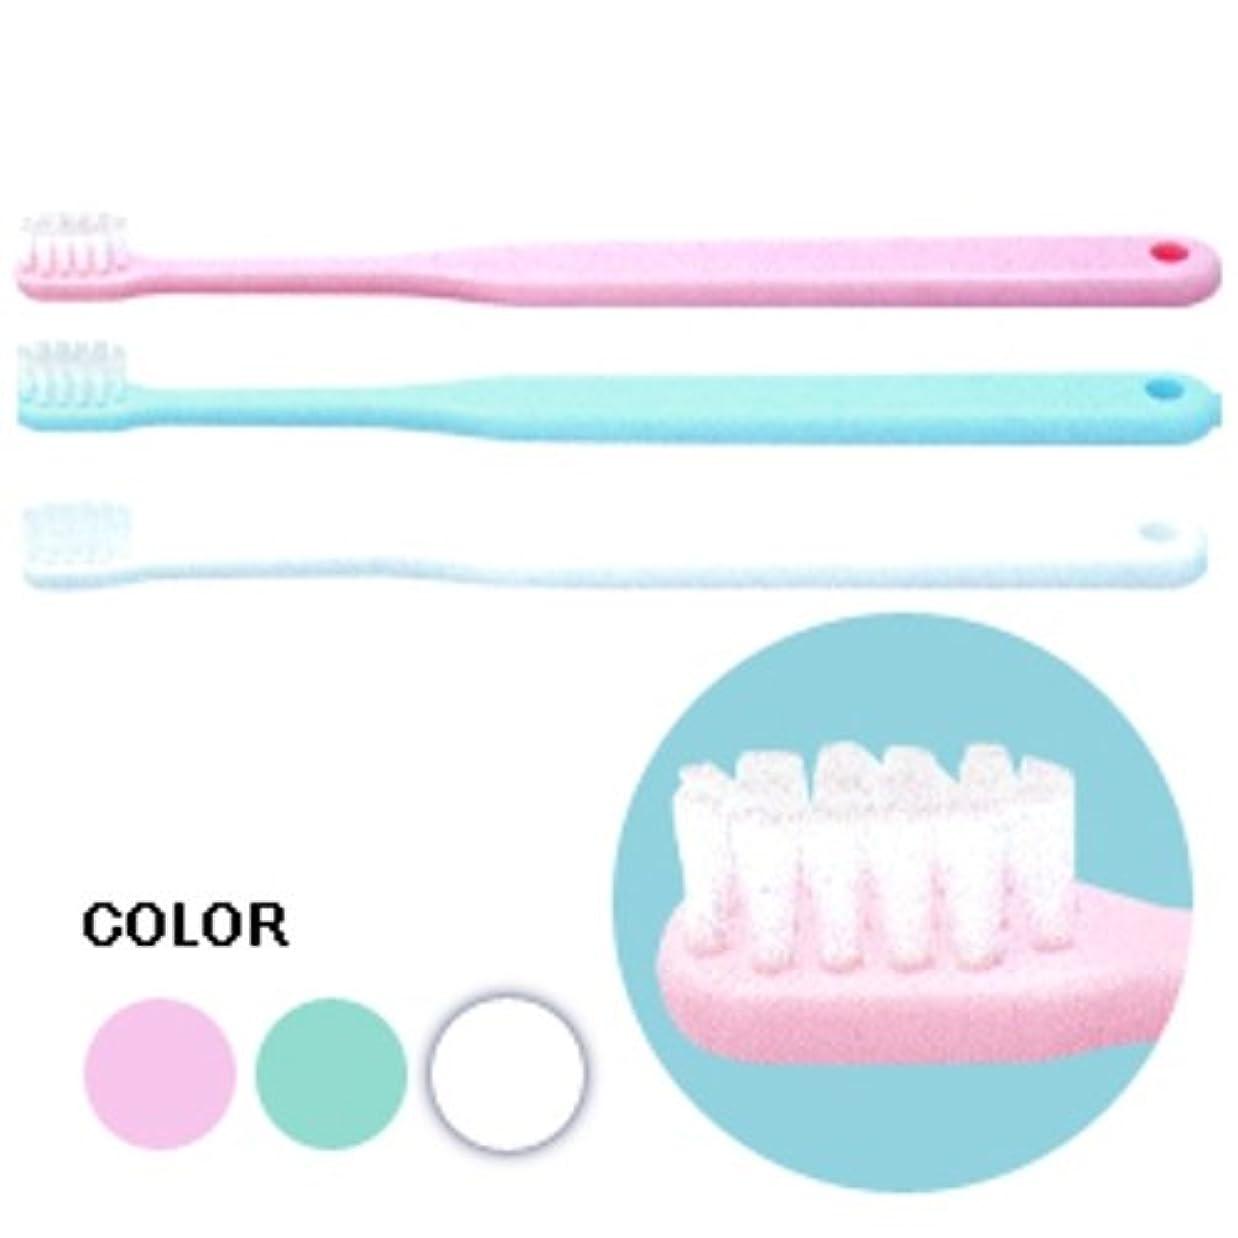 再生可能優れた関連するCiメディカル 歯ブラシ Ci602 仕上げ磨き用 × 3本 アソート